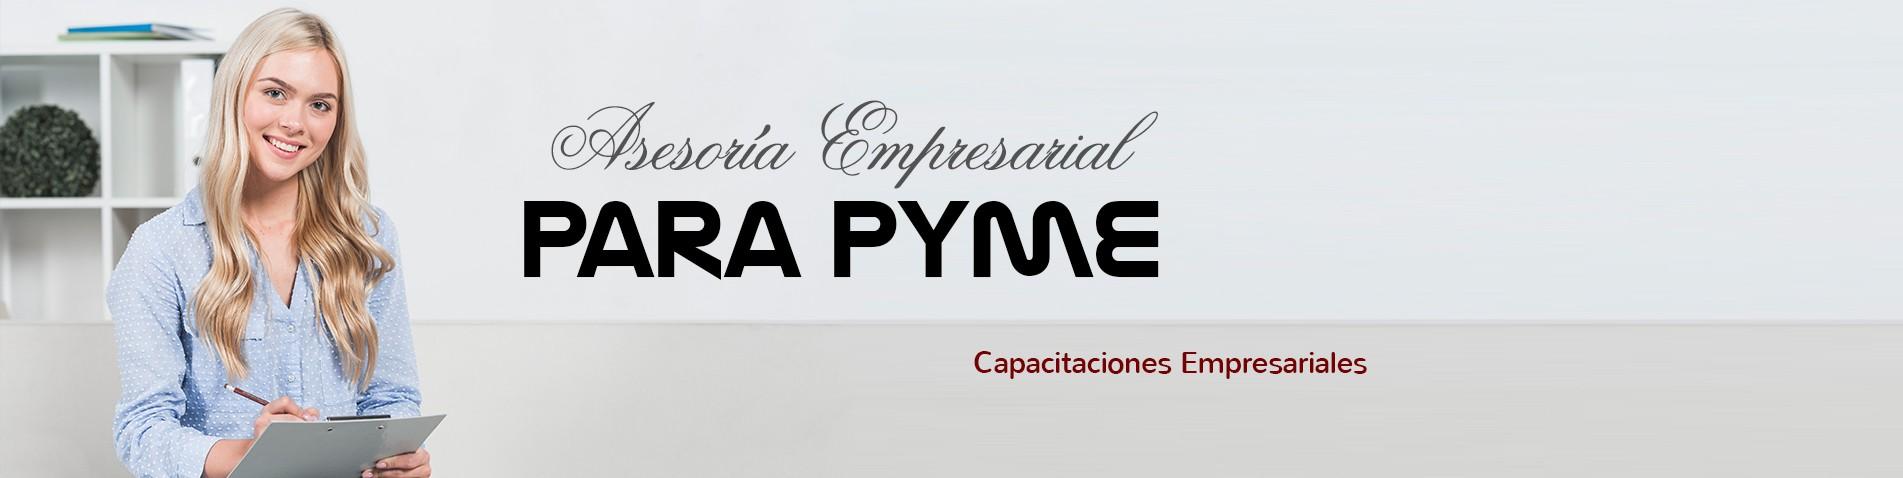 capacitaciones-empresariales-pyme